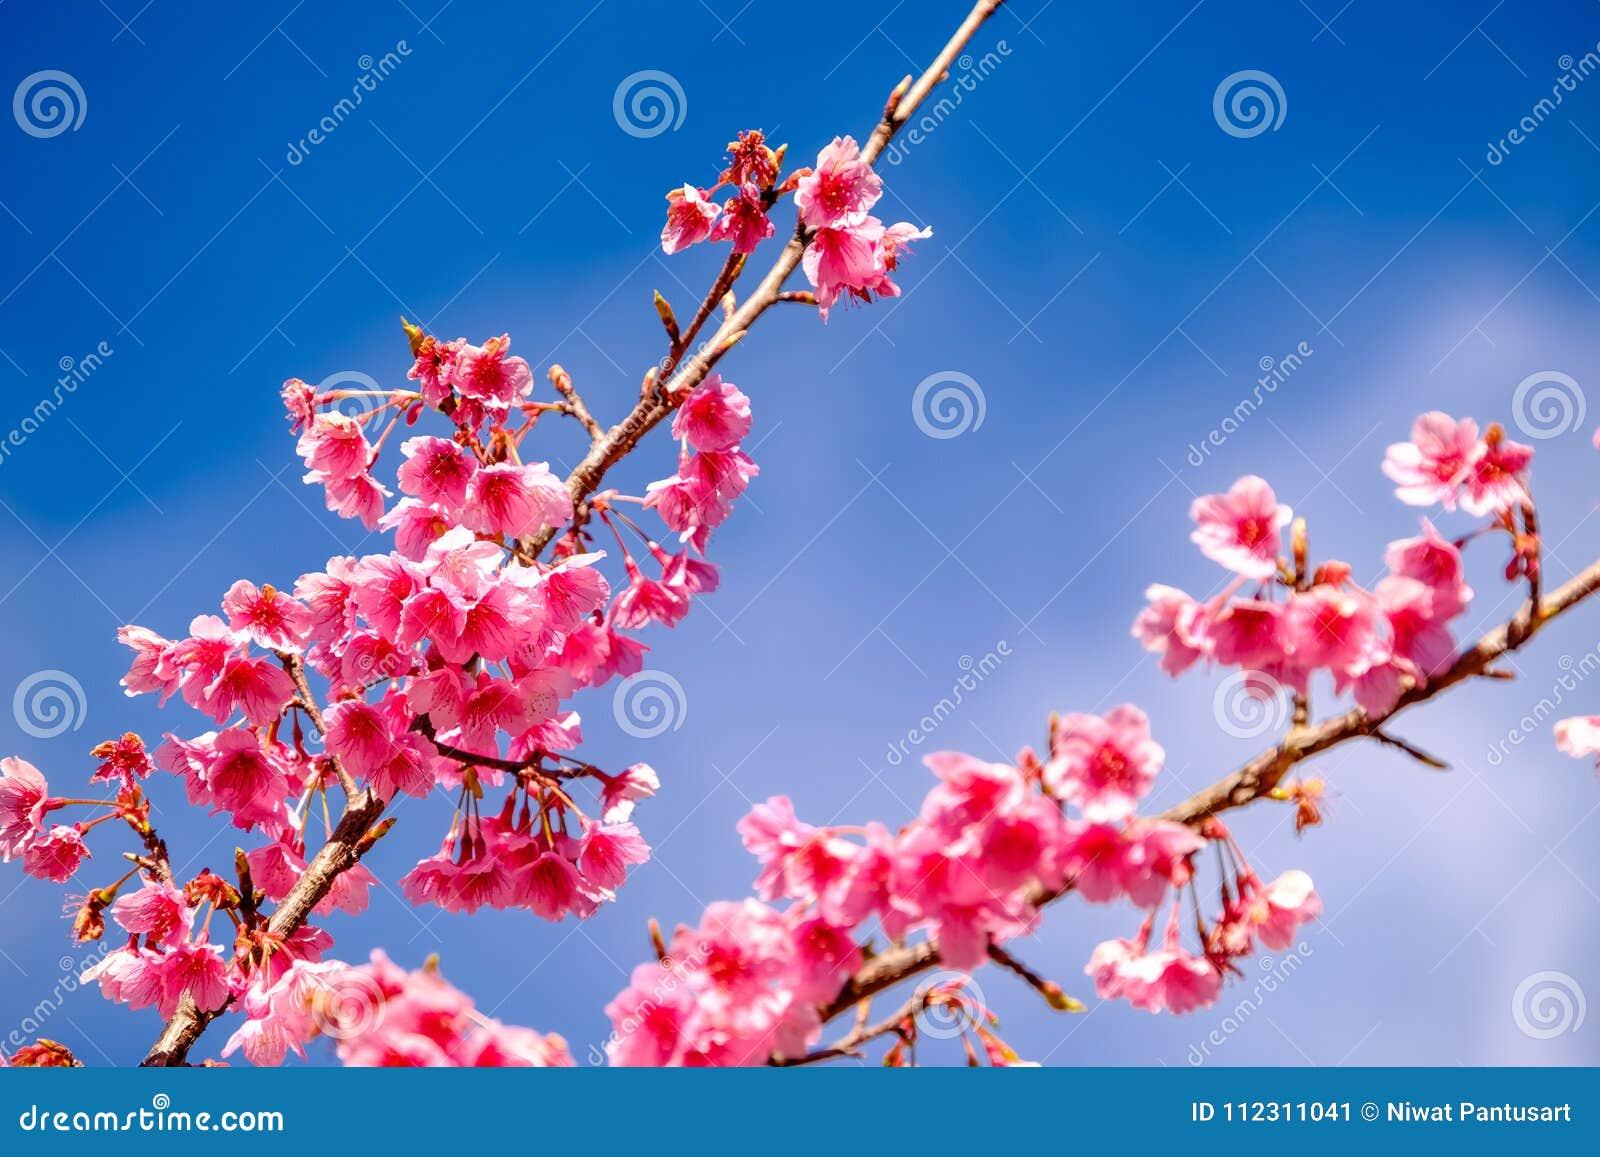 Cherry Blossom Against Blue Sky cor-de-rosa